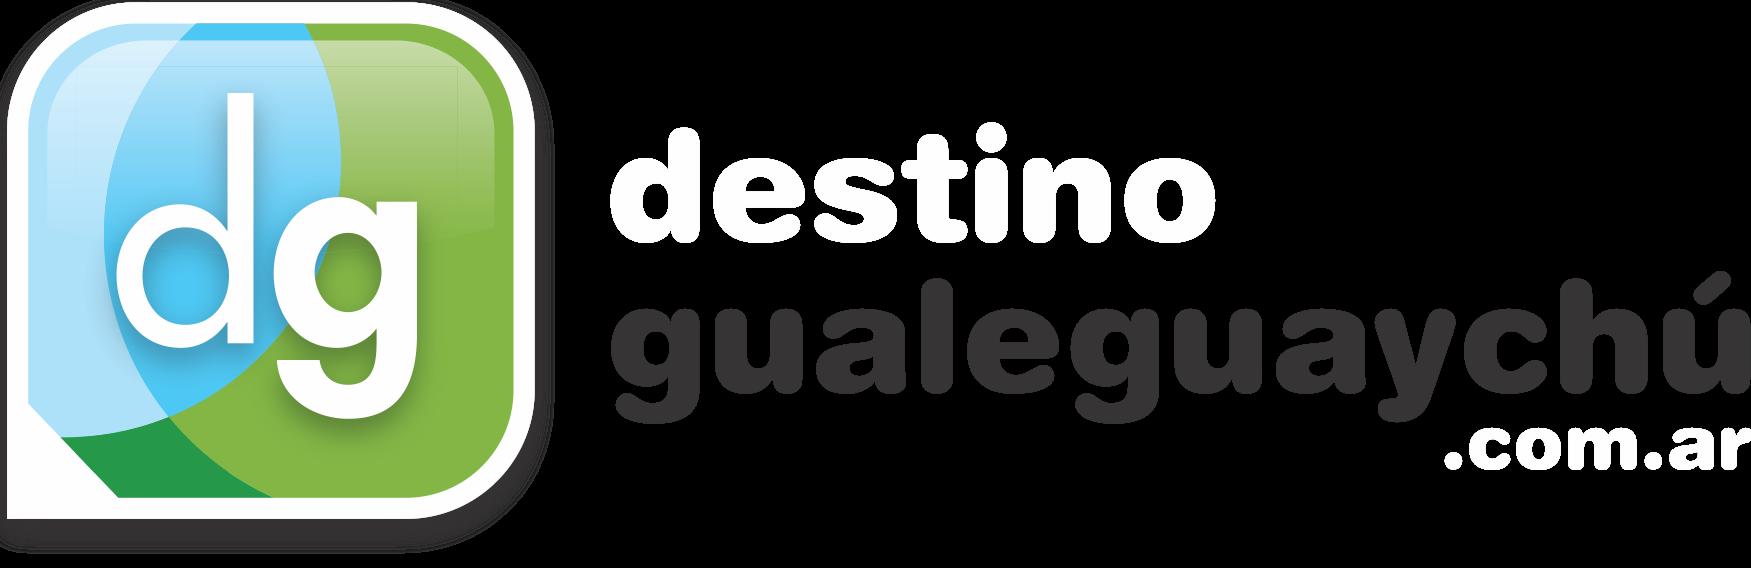 DESTINO GUALEGUAYCHÚ – TURISMO – HOTELES – CABAÑAS